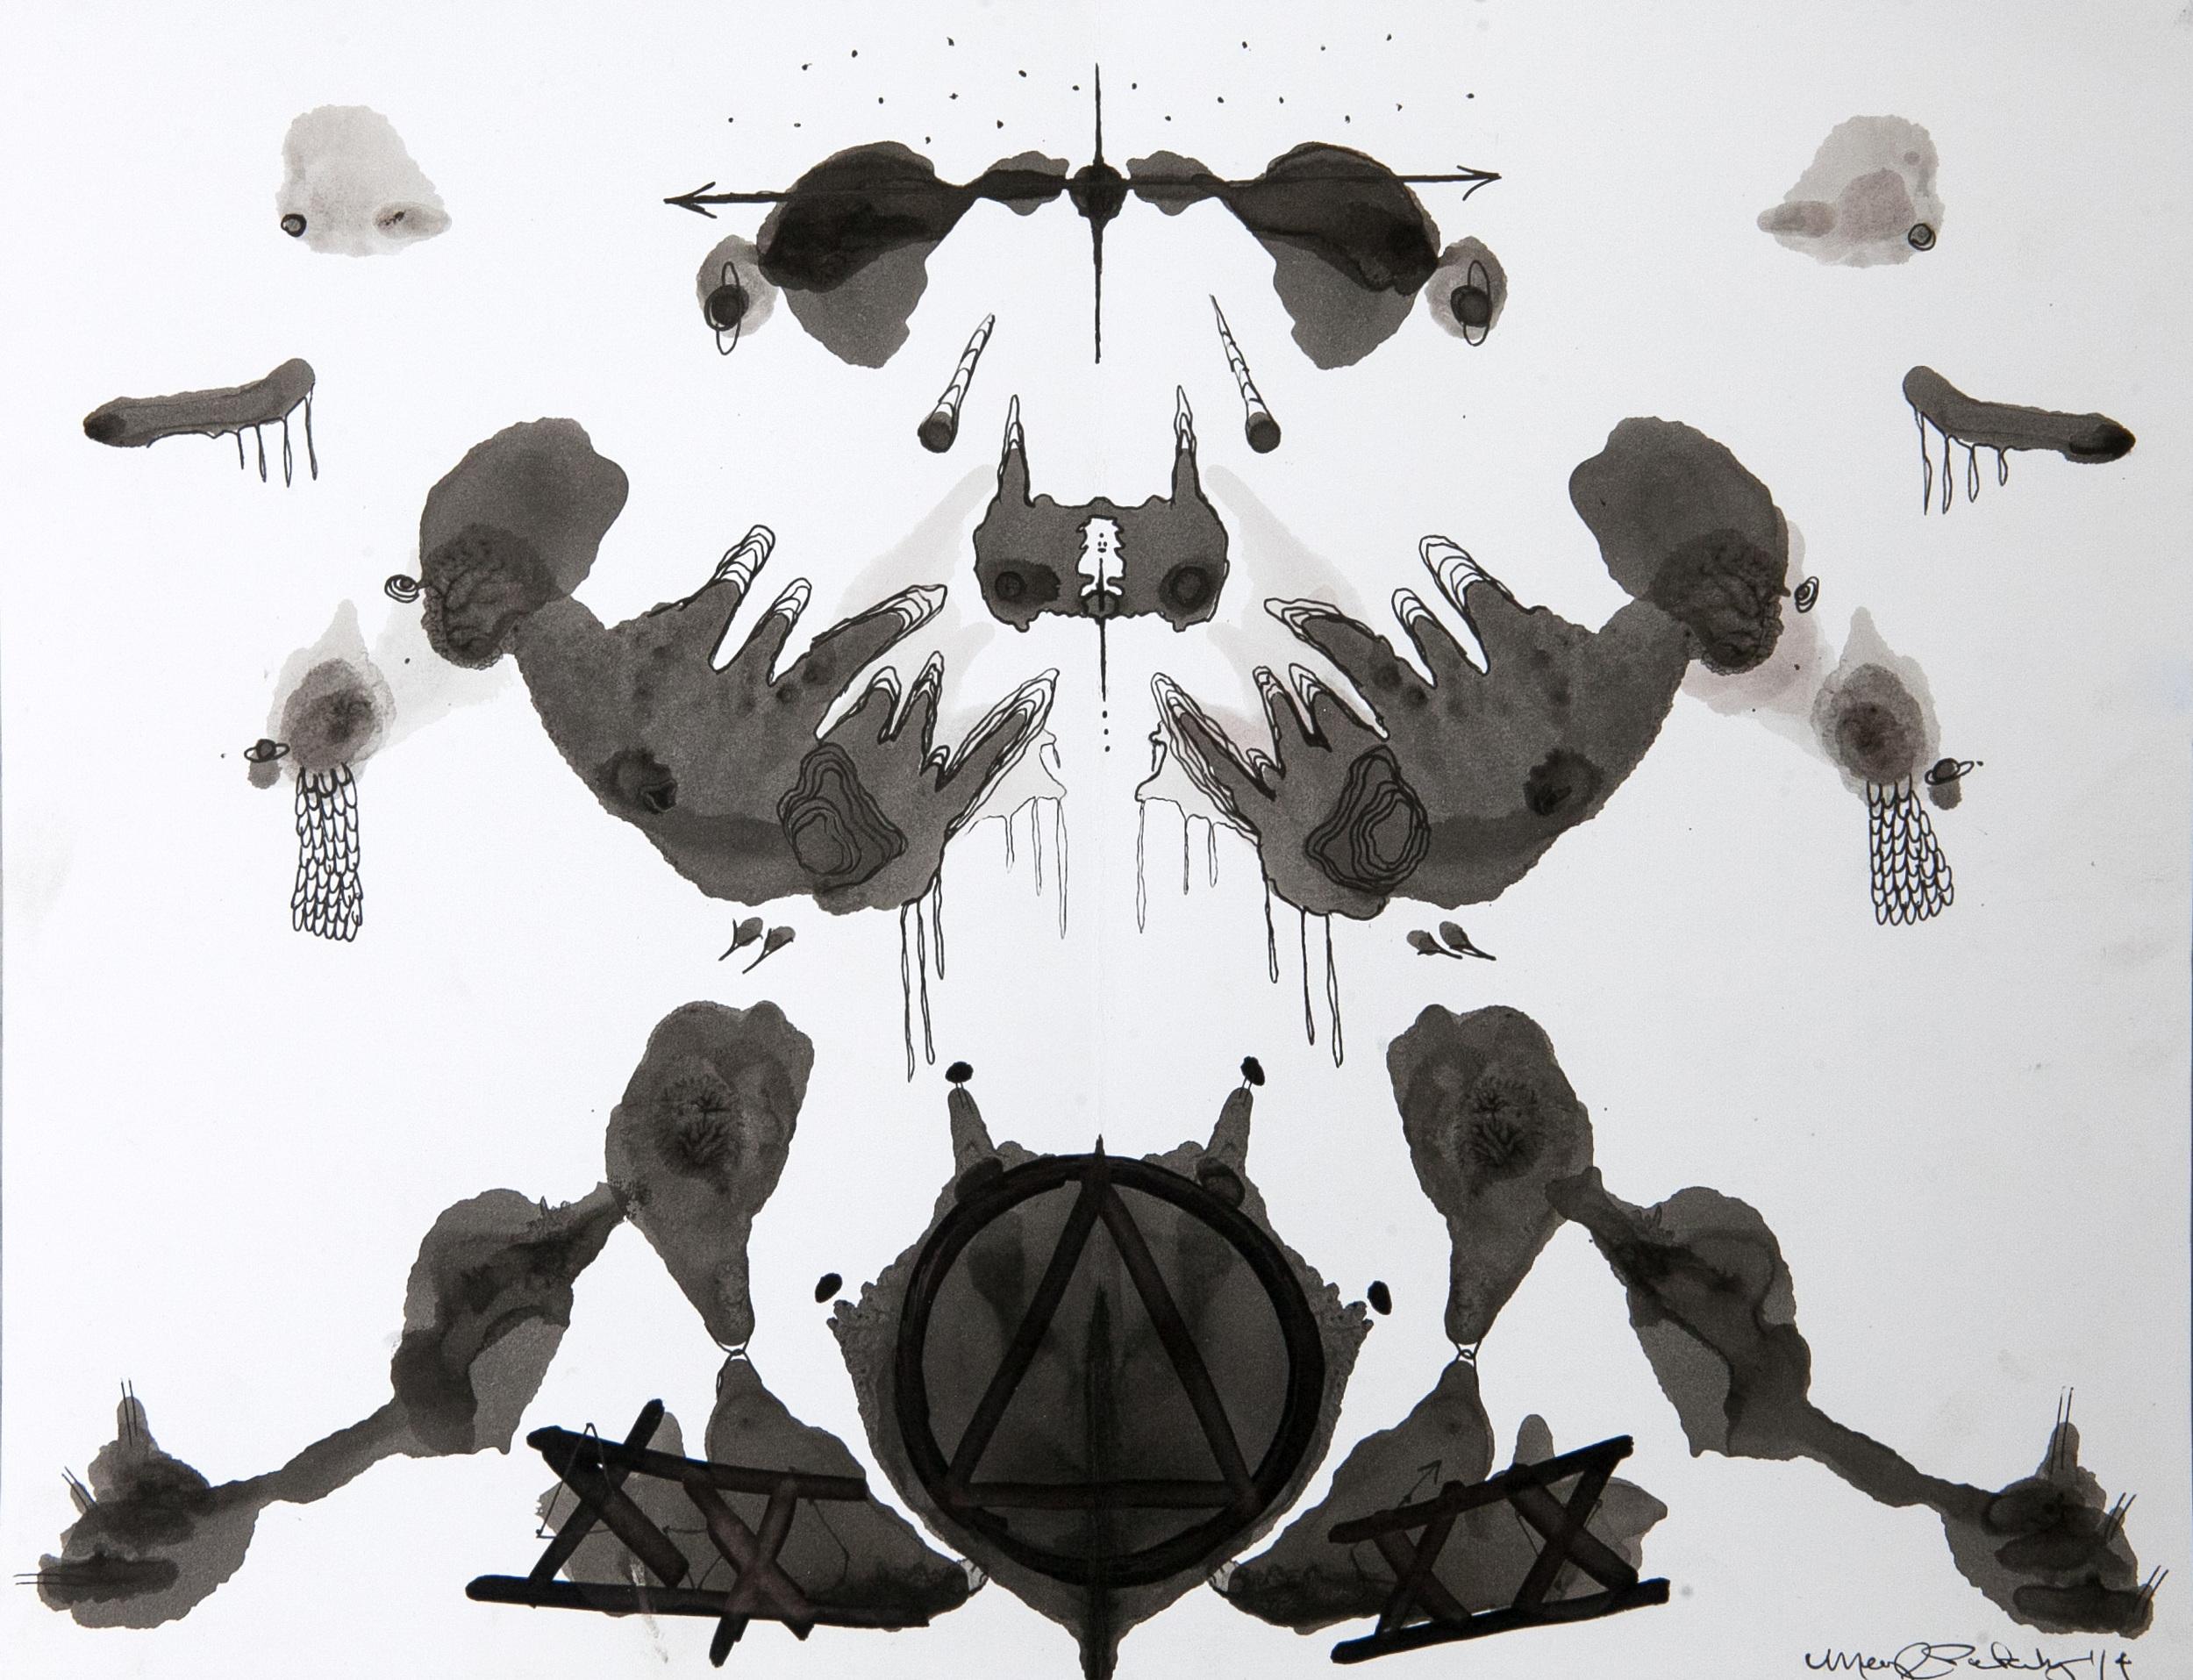 Rorschach Study 2